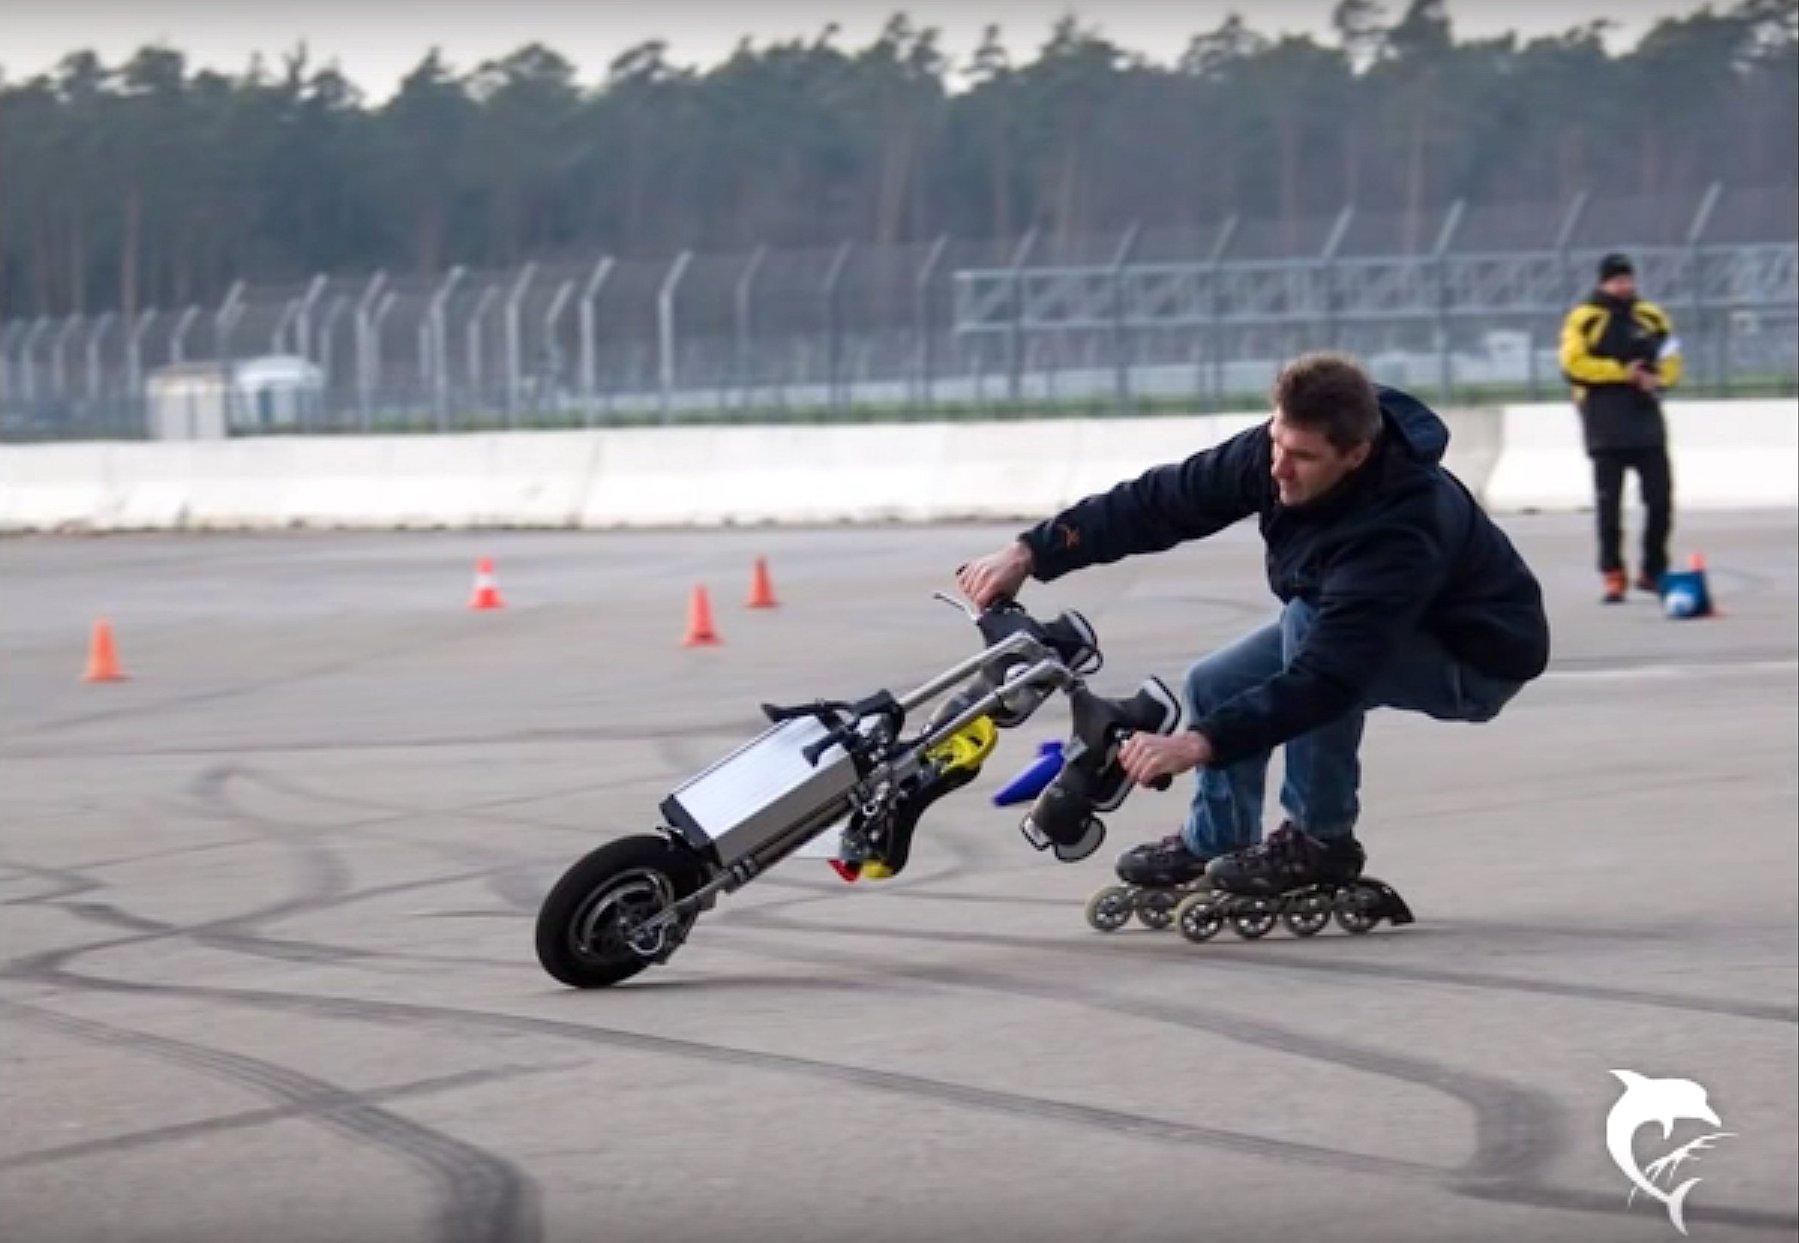 Bis zu 40 km/h schnell kann das FlyRad fahren, wie hier am Hockenheimring.